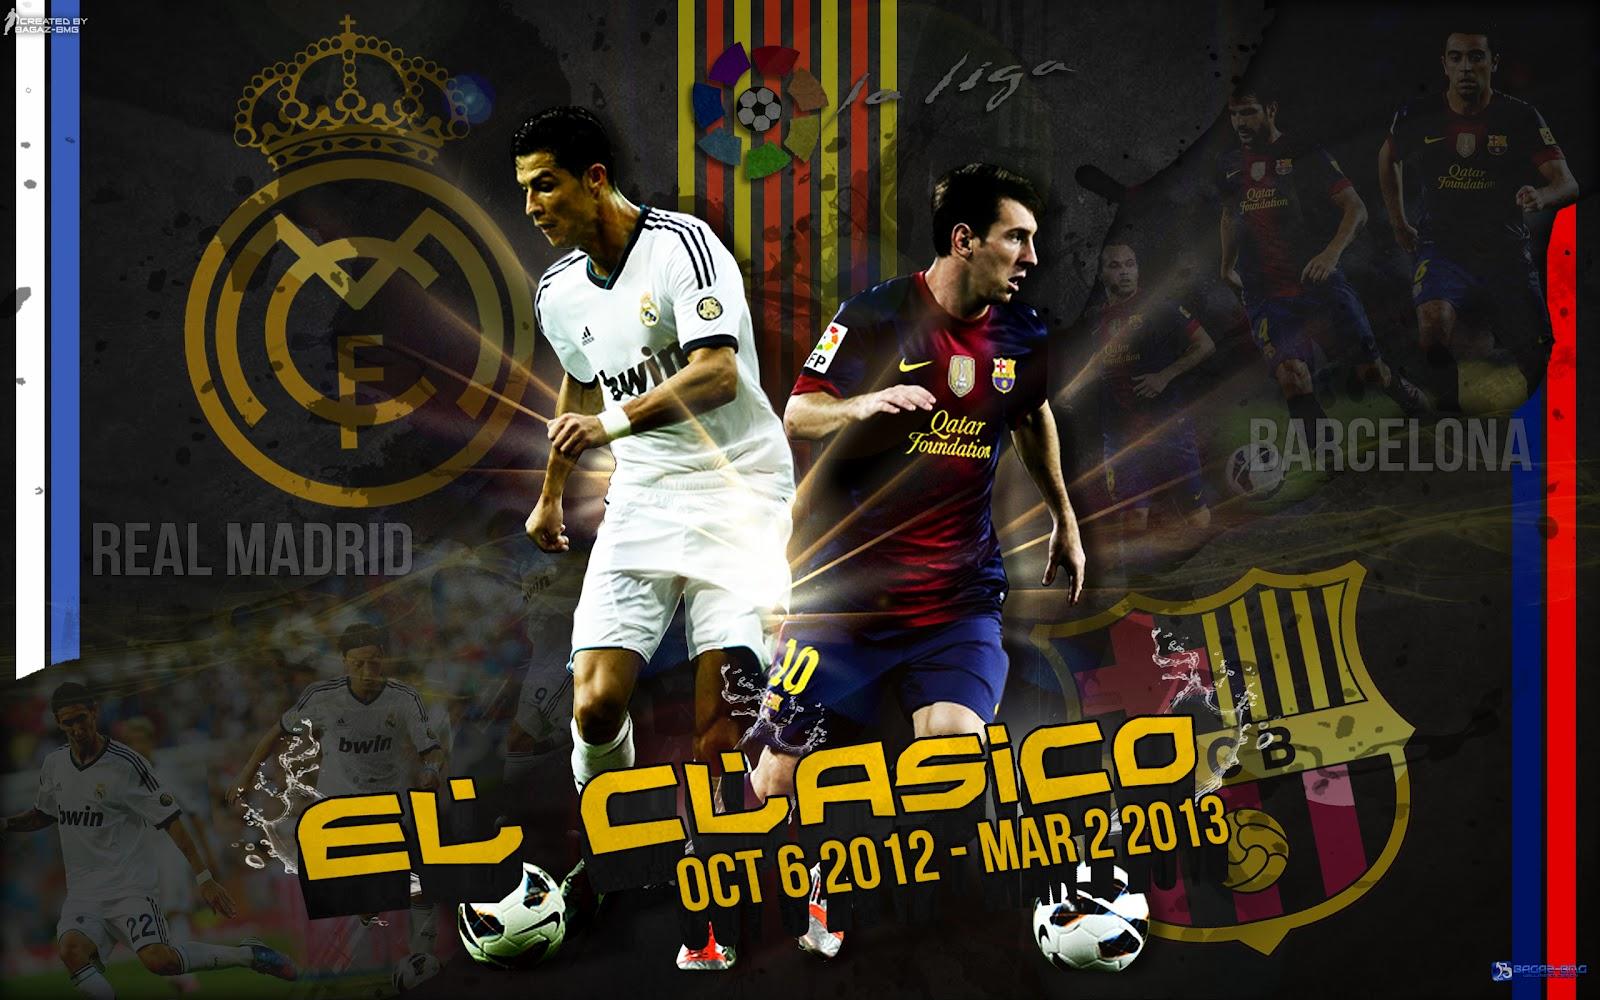 http://2.bp.blogspot.com/-U3wtWaalgJQ/US6J2nN9p4I/AAAAAAAAQ6U/8DelqDHyas8/s1600/EL+Clasico+FC+Barcelona+vs+Real+Madrid+2013+Wallpaper+HD+Lionel+Messi+and+Cristiano+Ronaldo.jpg